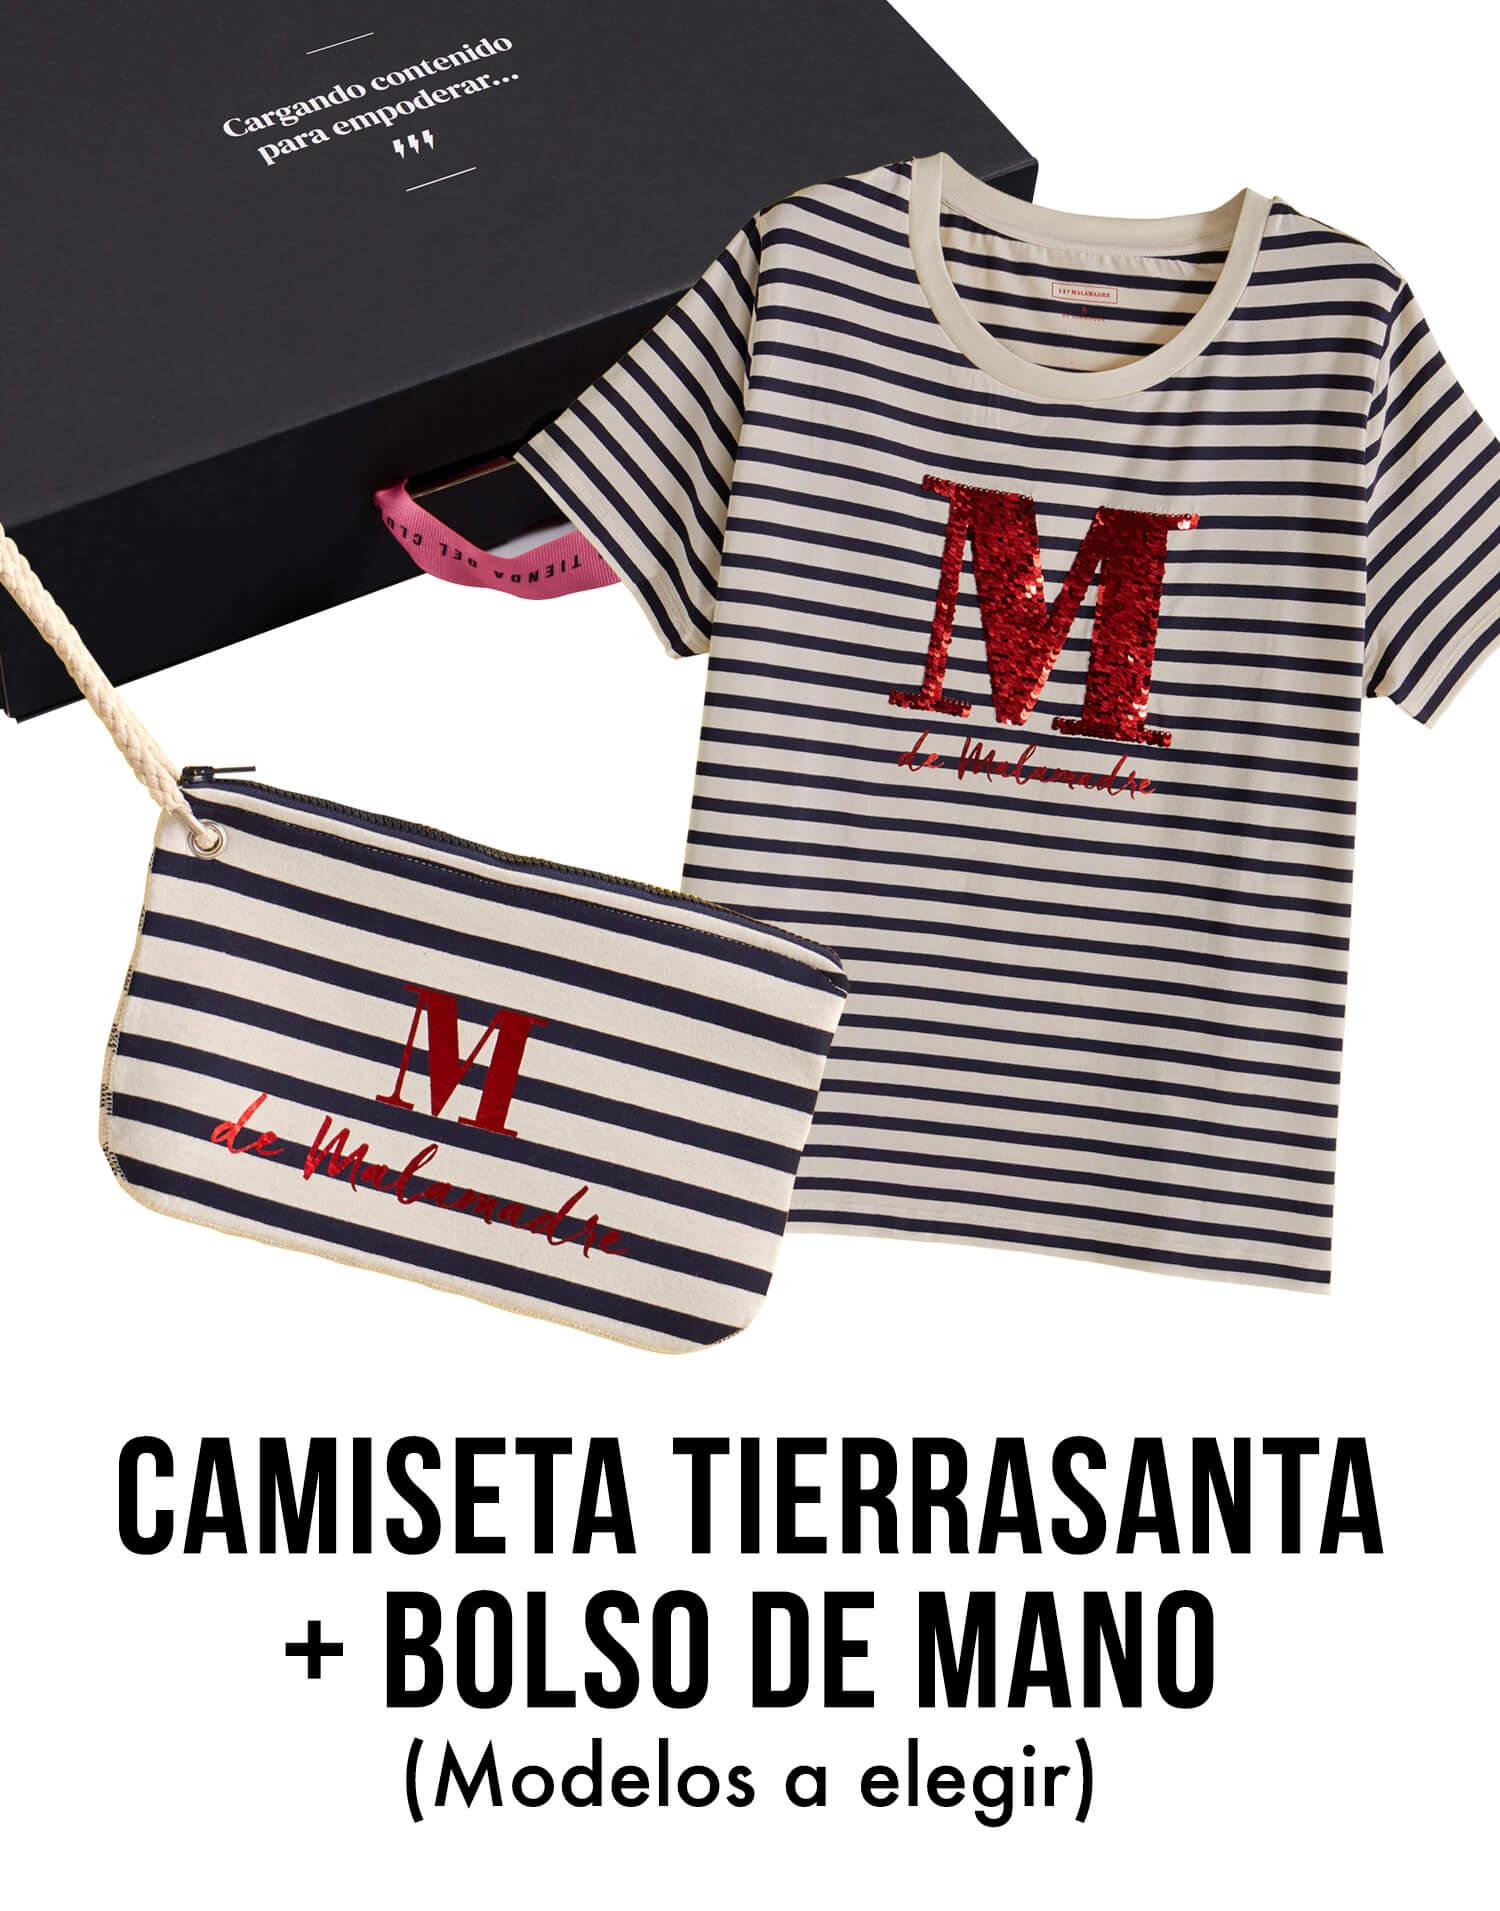 KIt Camiseta Tierrasanta+bolso de mano